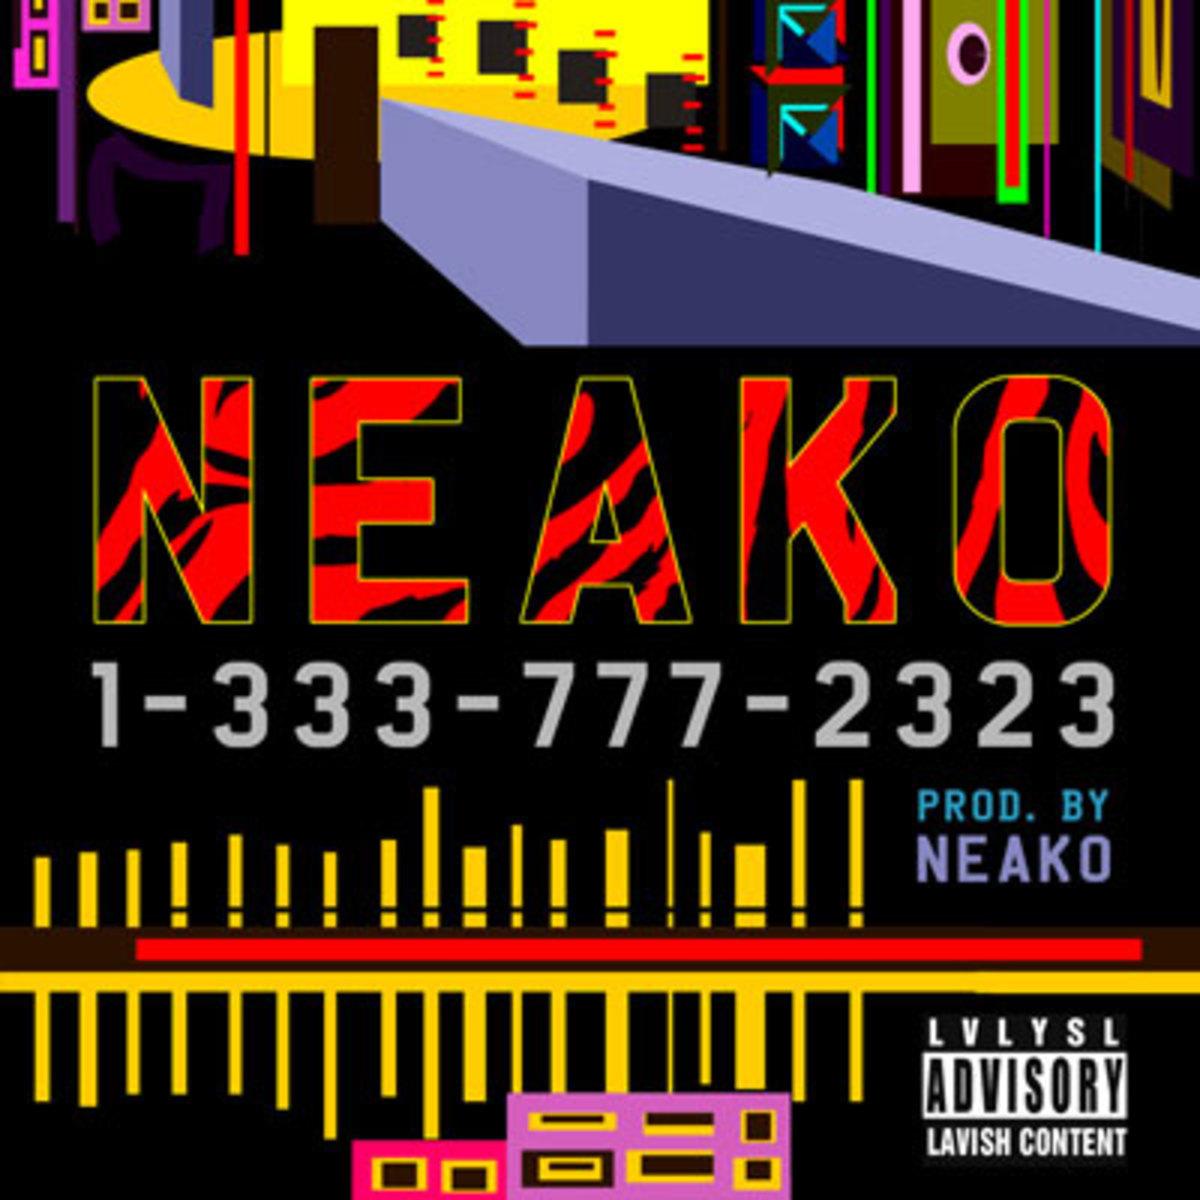 neako-333772323.jpg